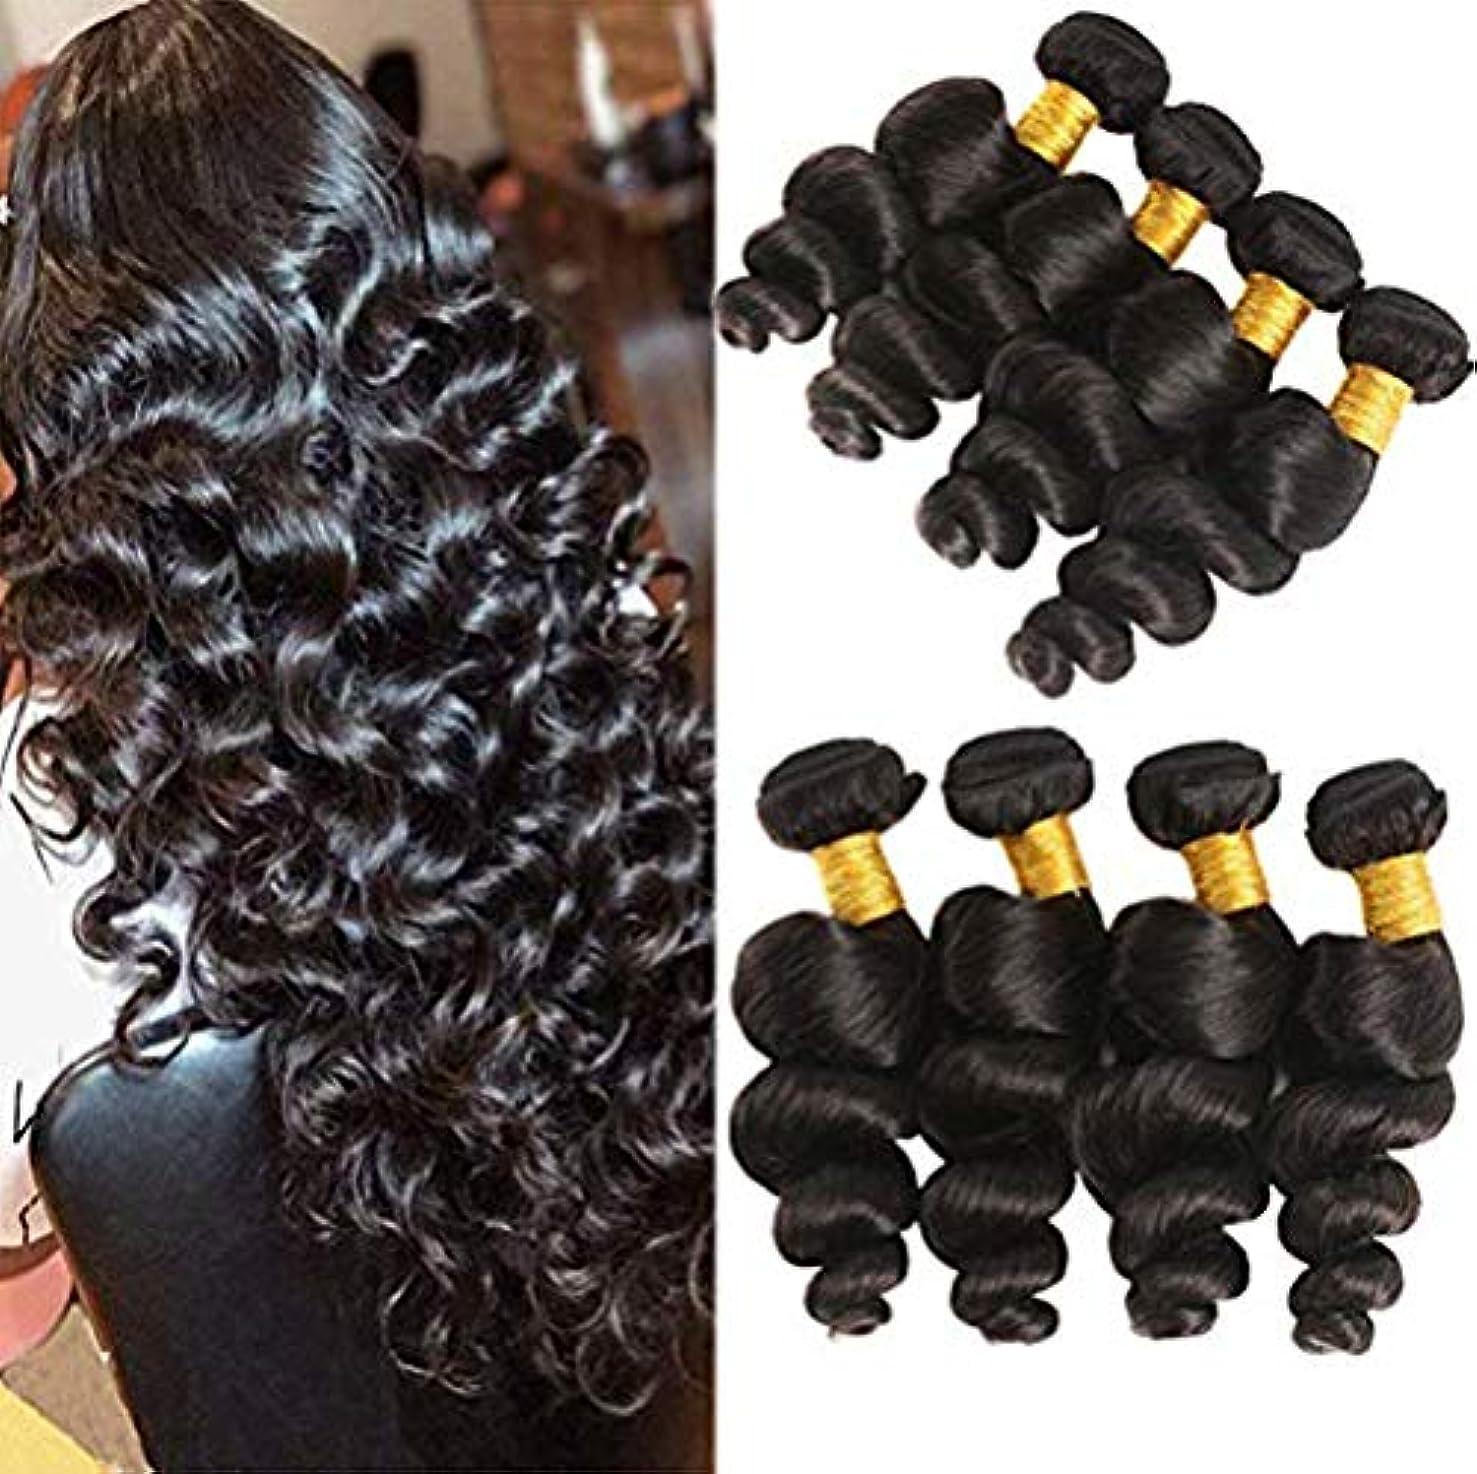 誕生同情挑発する女性150%密度髪を編むブラジルの髪ルースウェーブ人間の髪1バンドル本物のバージンヘア